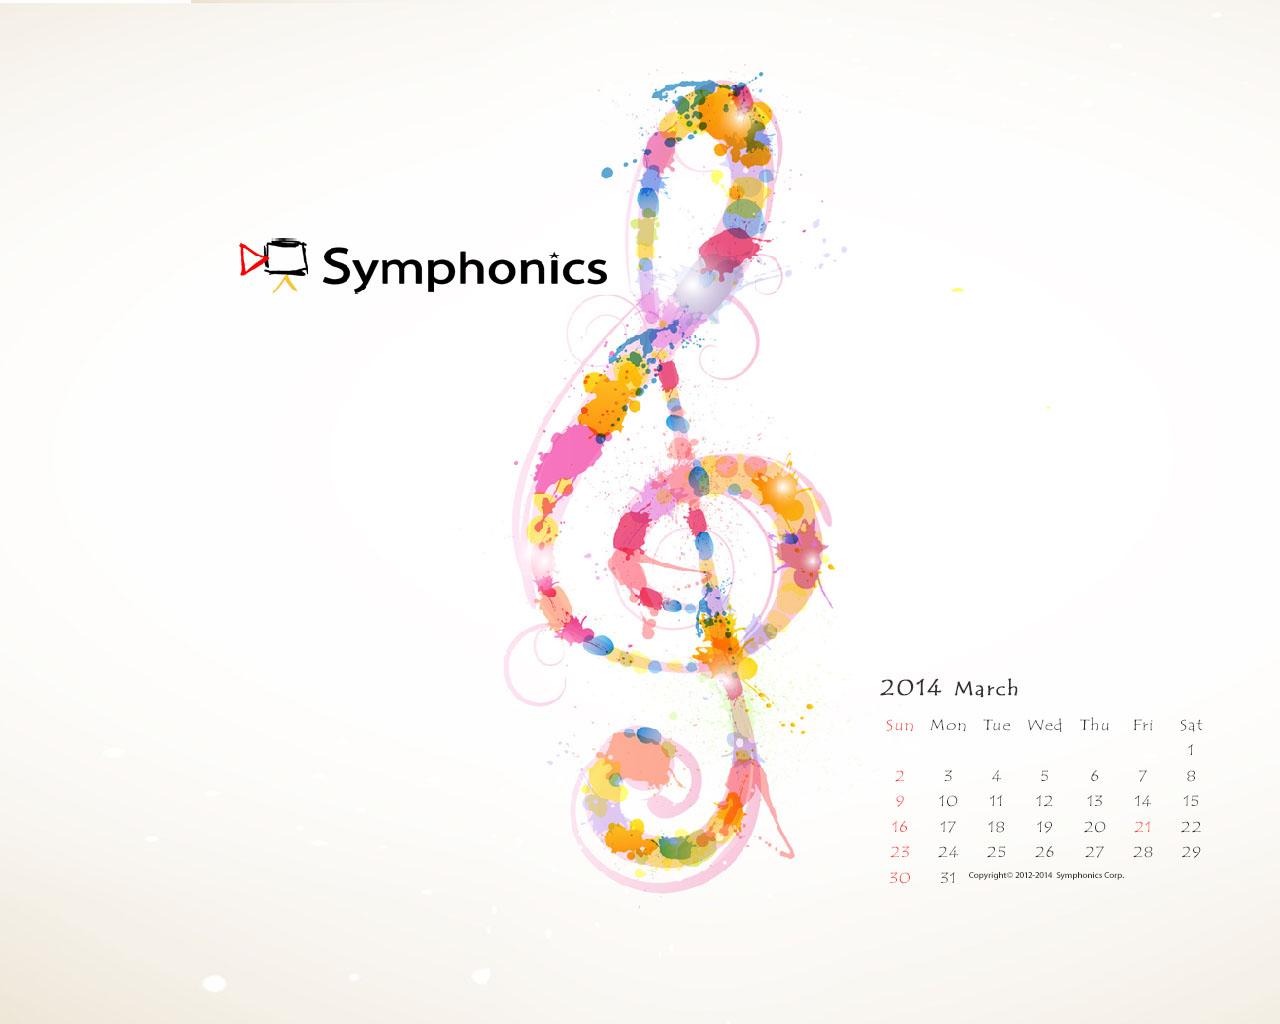 Symphonics シンフォニクス株式会社 映像制作 技術 オーケストラ コンサートdvd ビデオ撮影 14年3月のsymphonics壁紙